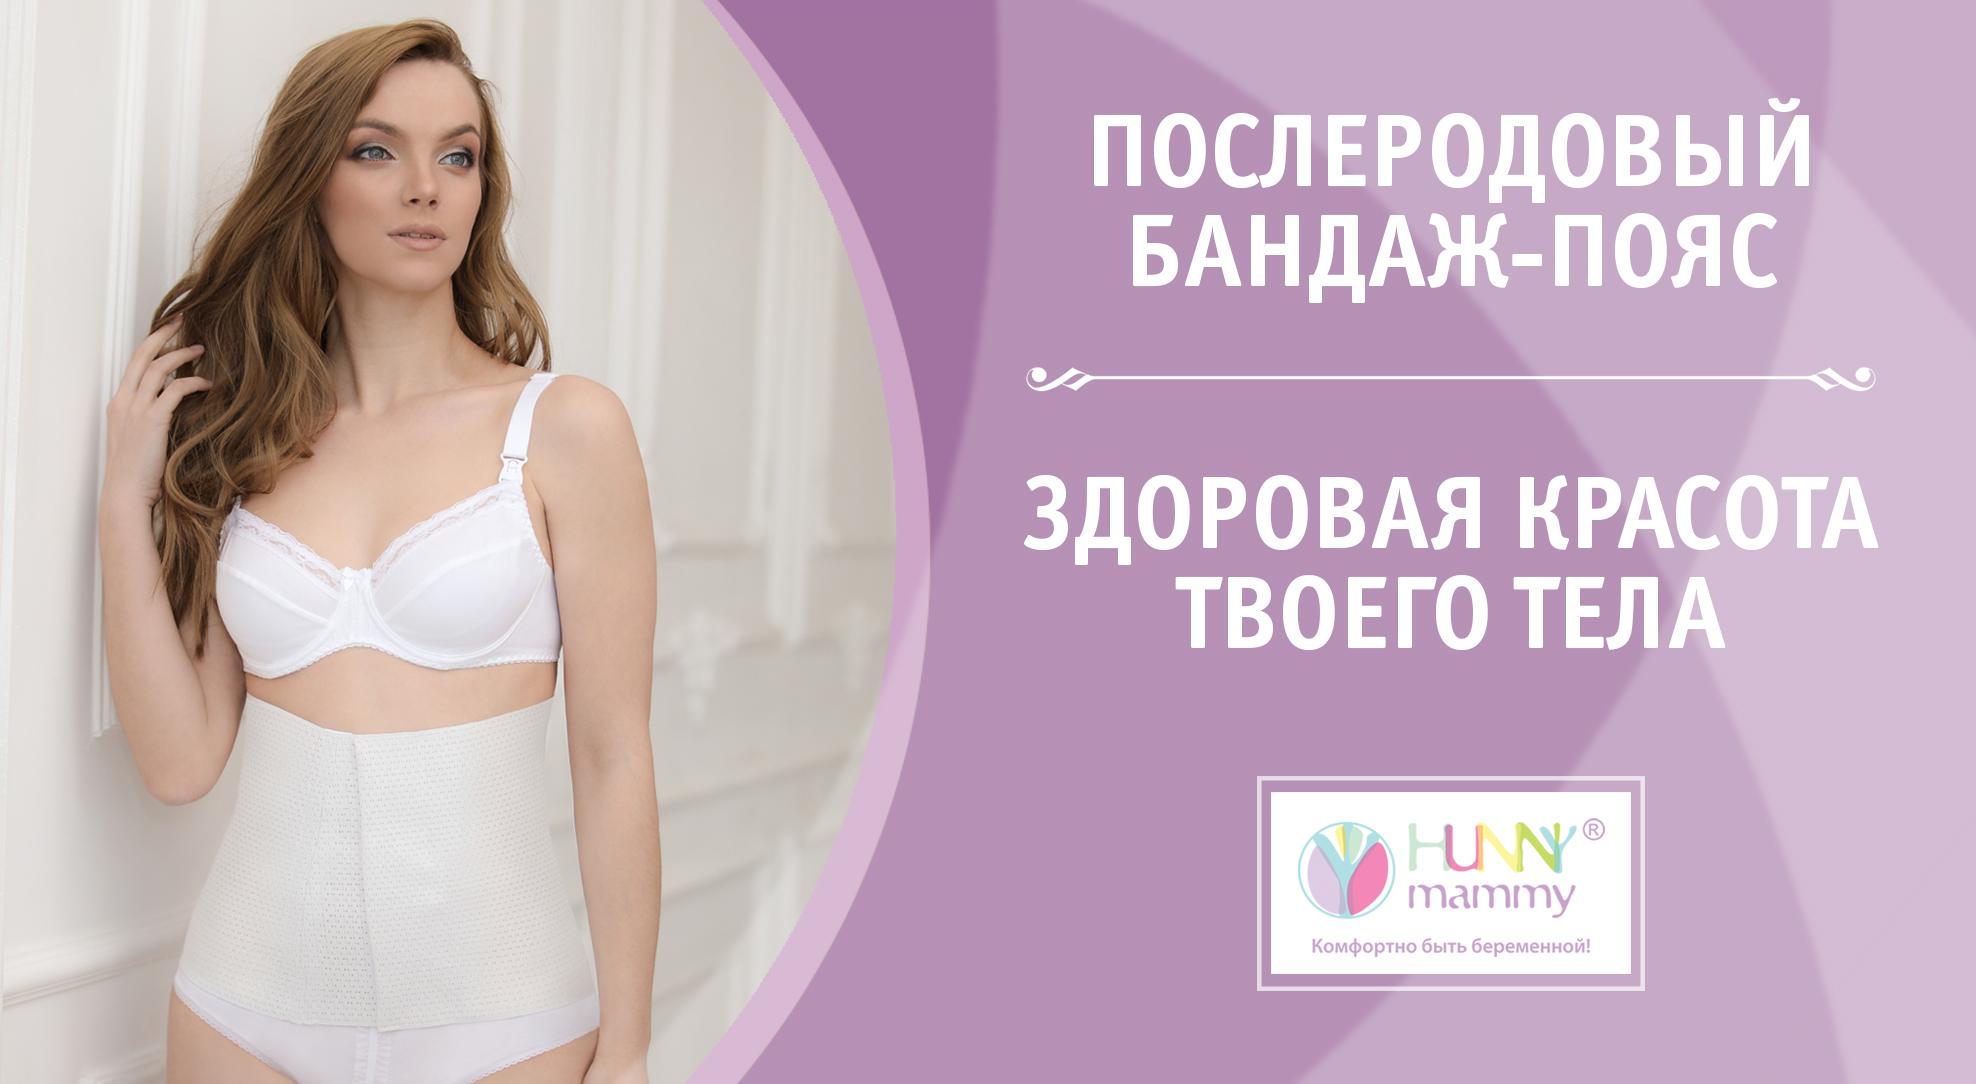 Послеродовый бандаж-пояс. Здоровая красота твоего тела.